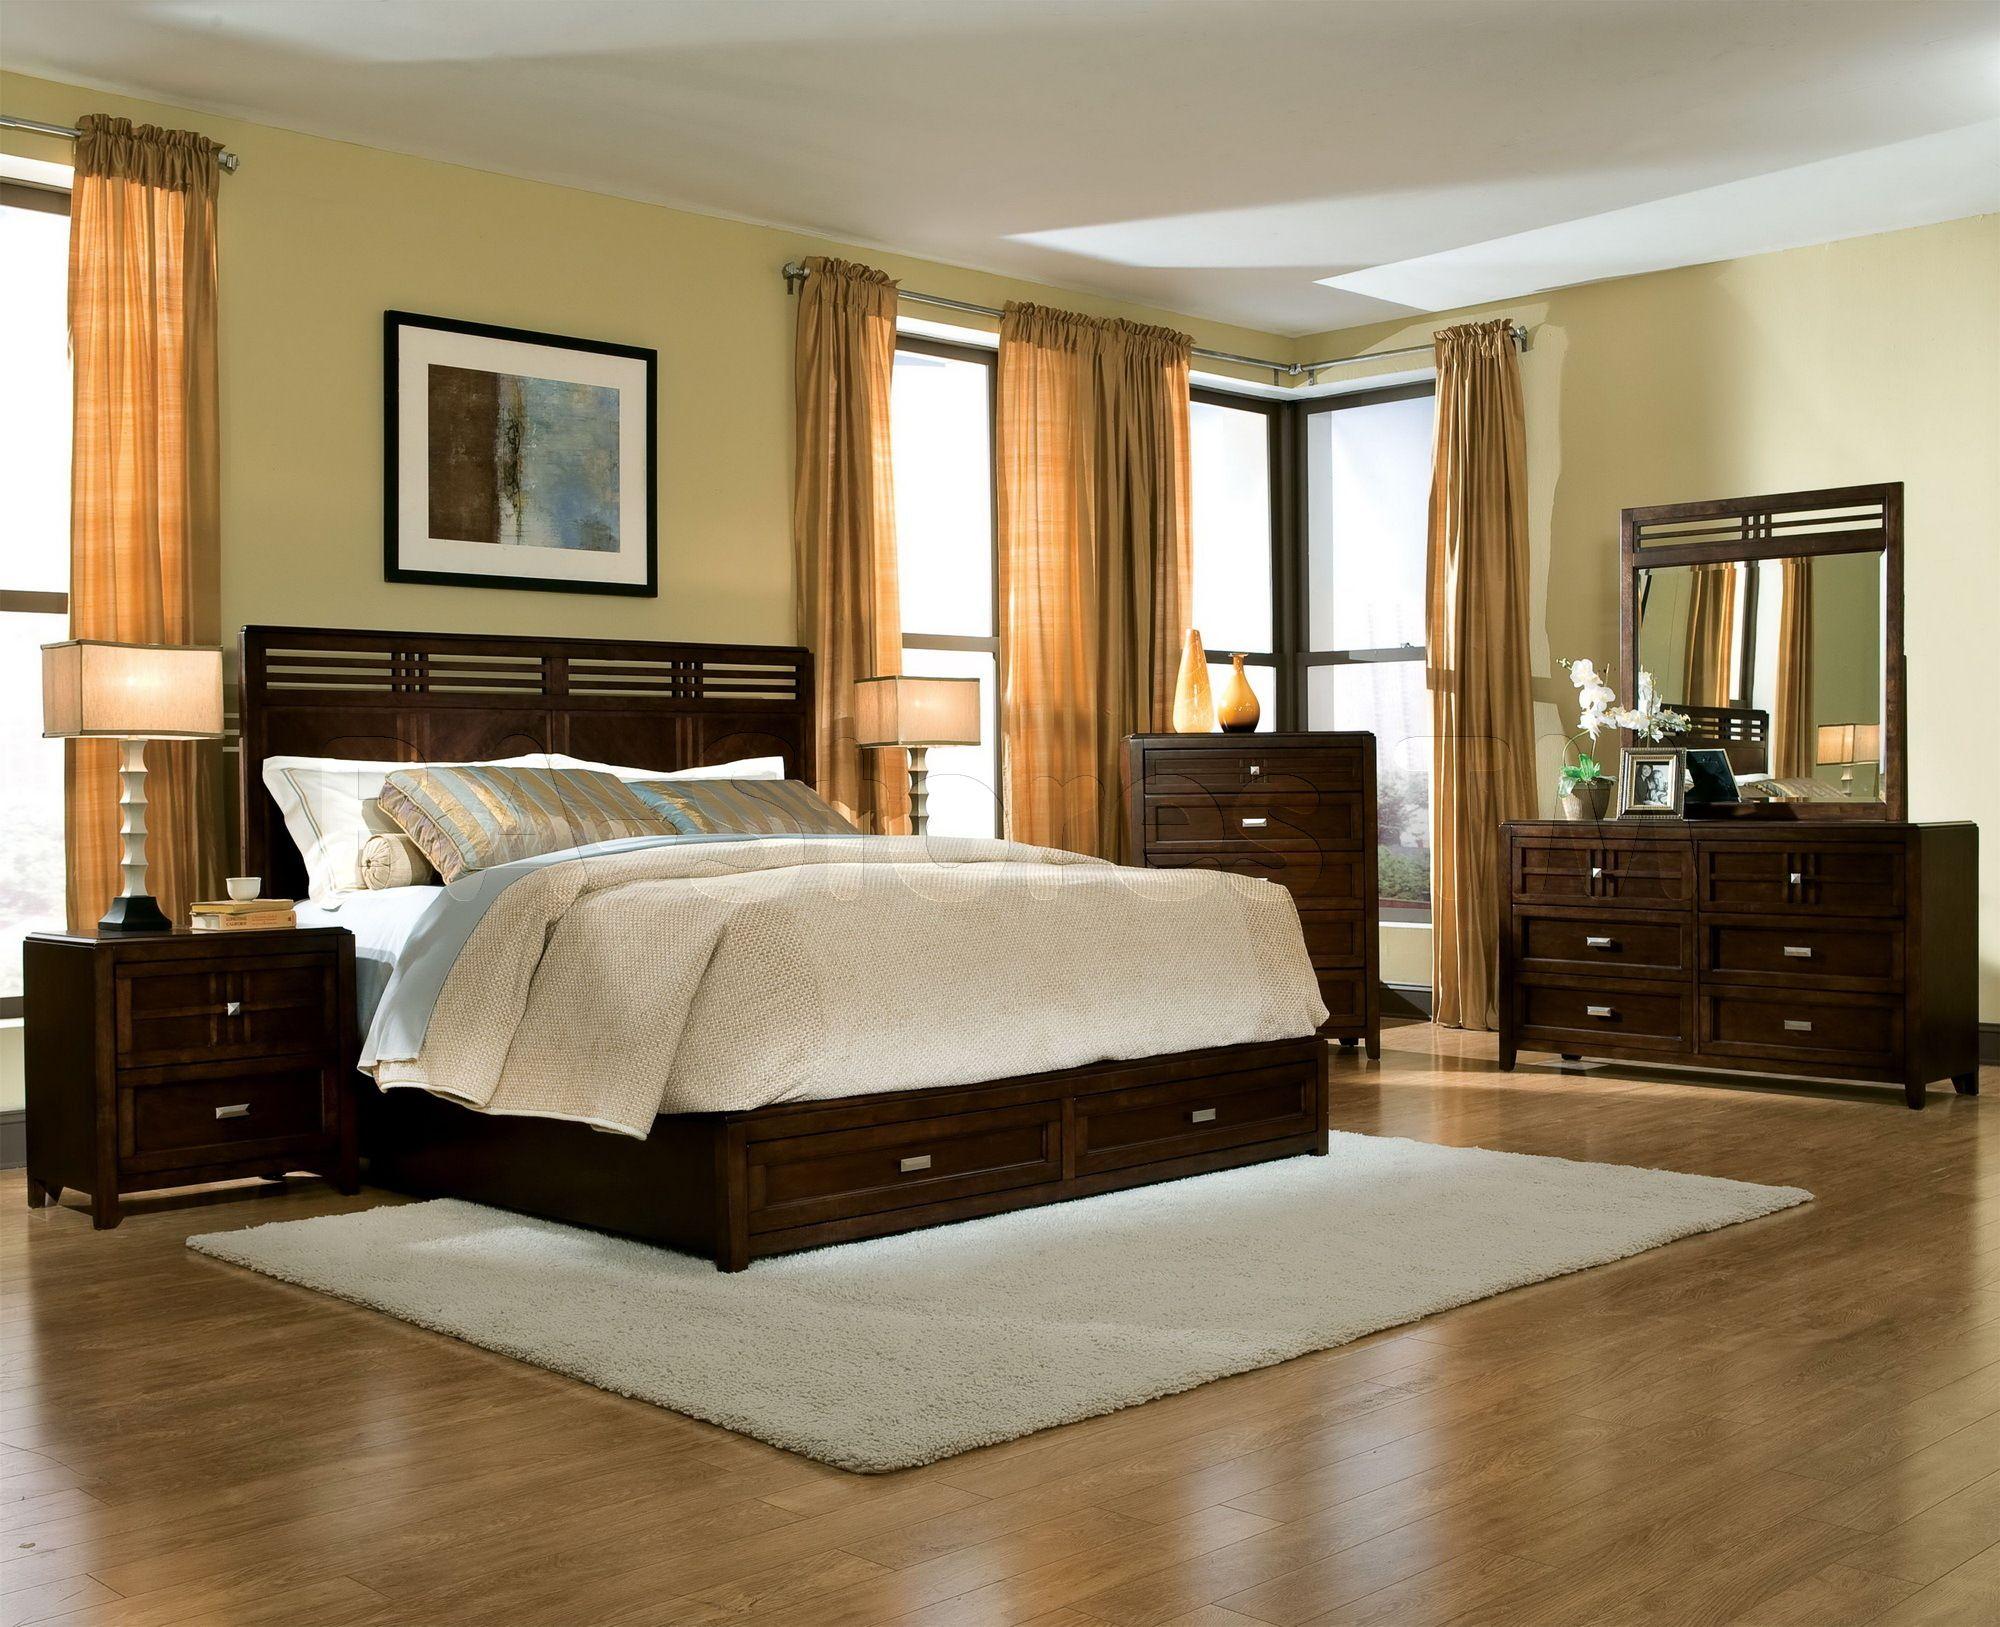 Braune Wände Im Schlafzimmer | Schlafzimmer design, Braunes ...